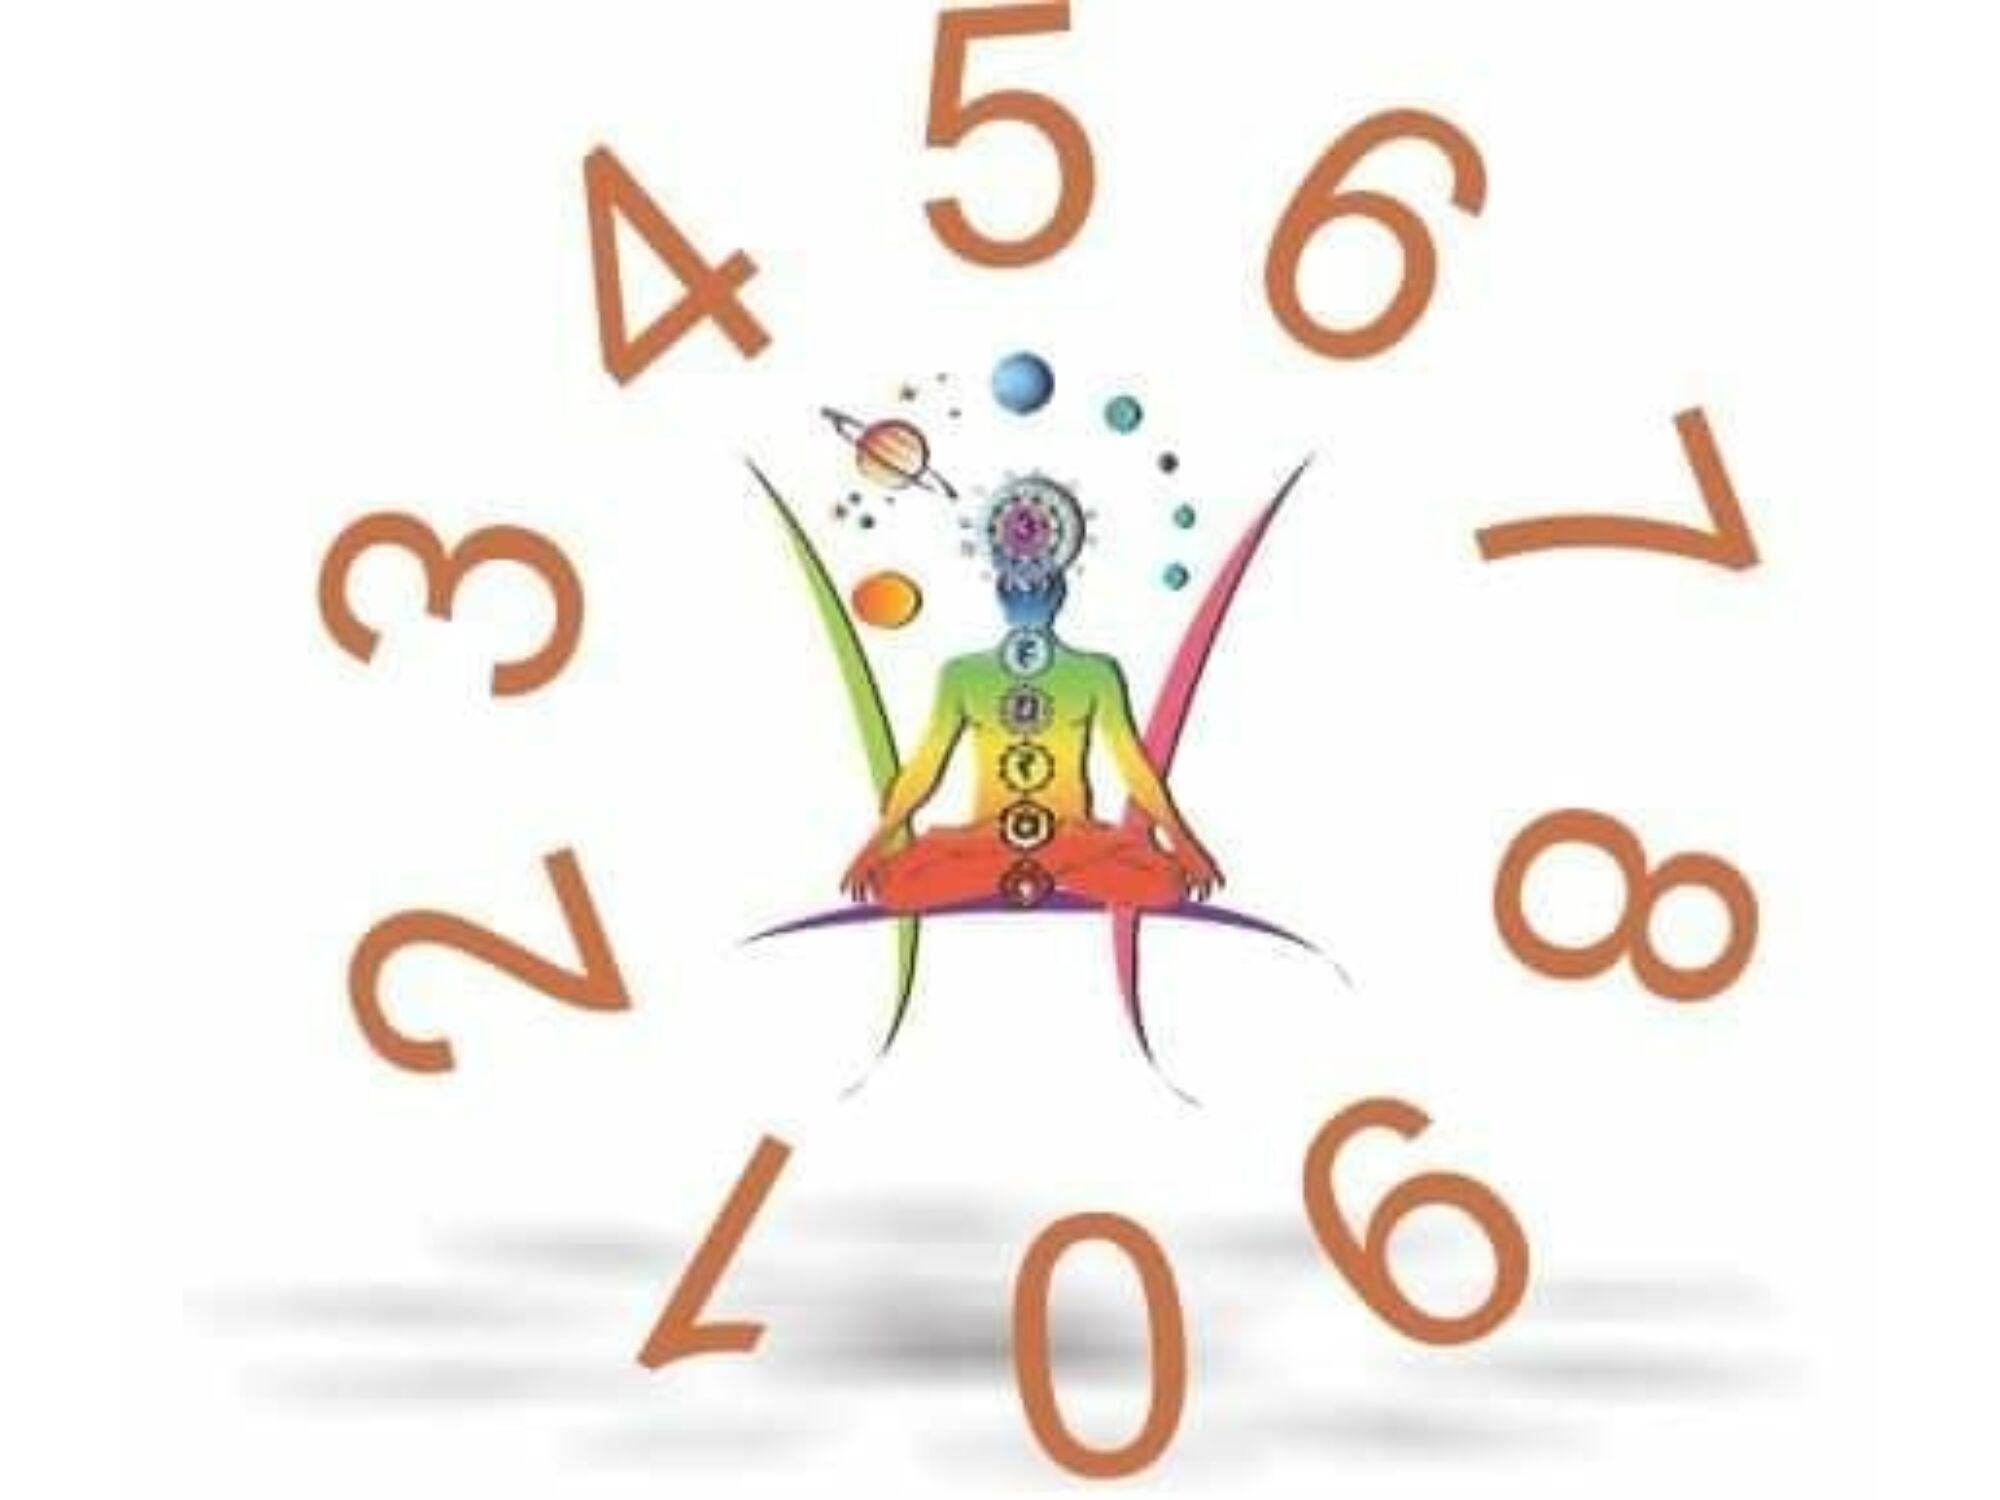 Komplex számmisztikai elemzés